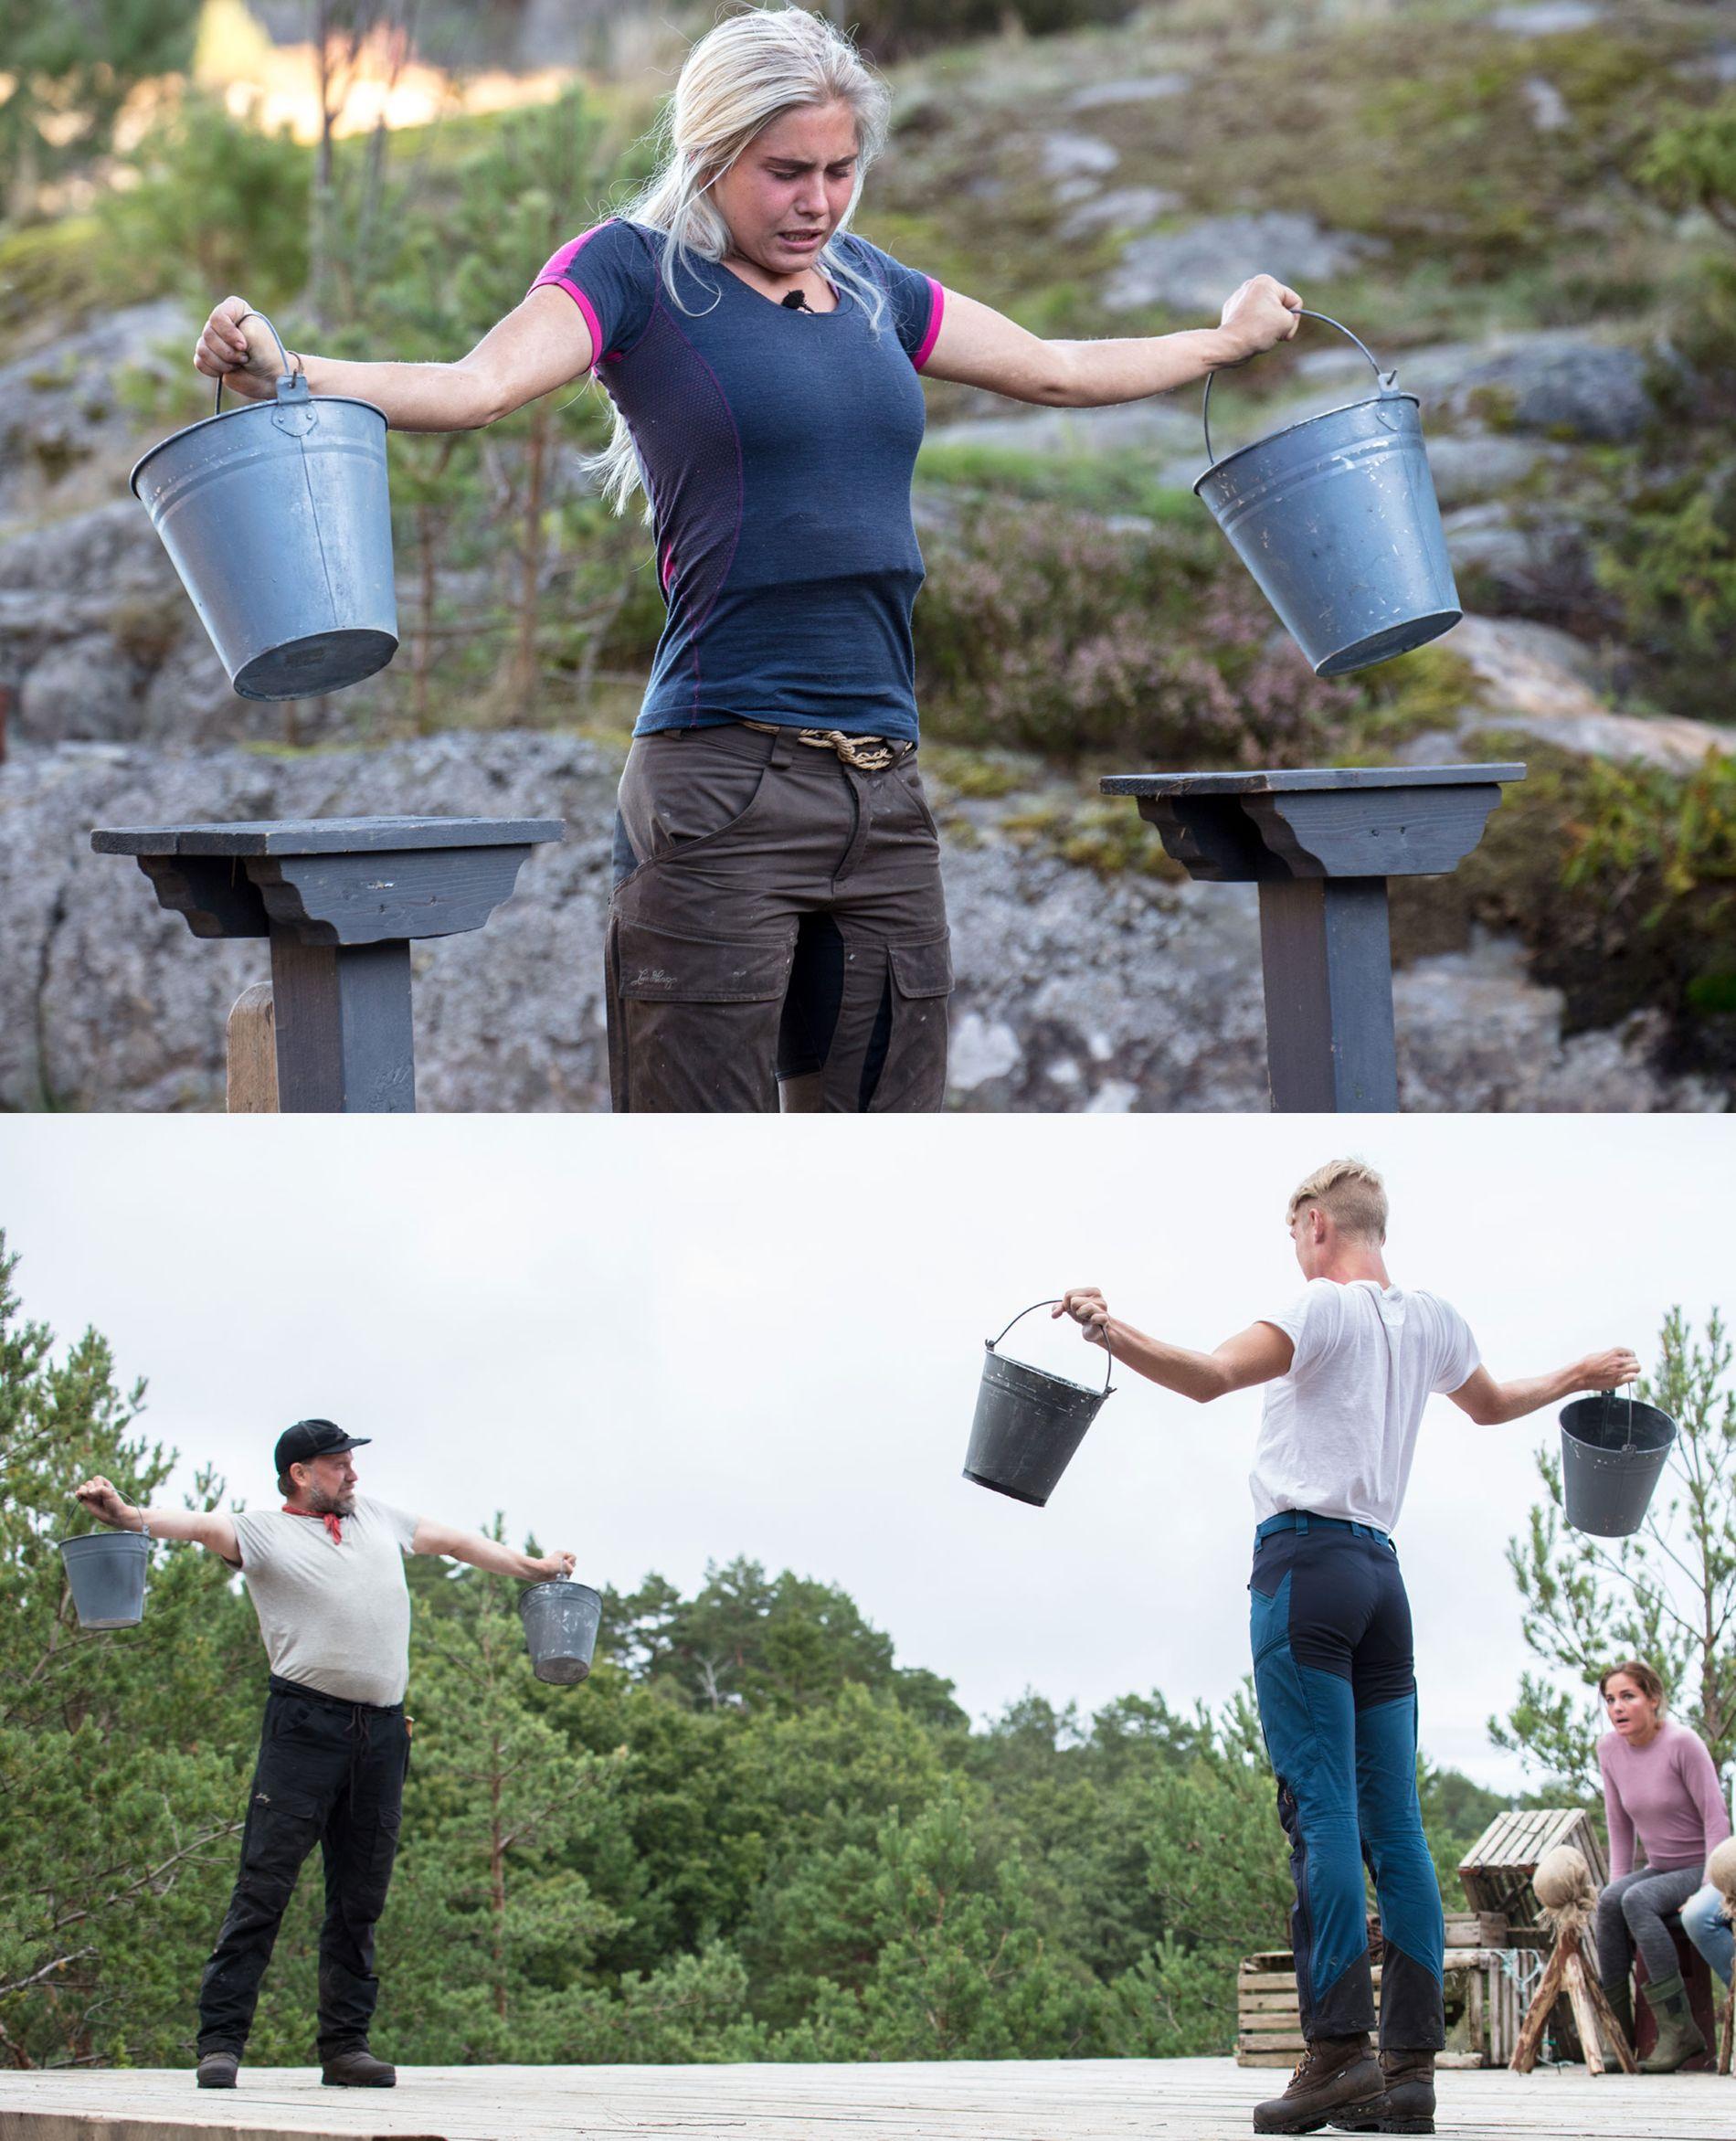 MED OG UTEN: Amalie måtte kjempe med å holde bøttene over pålestativene, mens Halvor og Bjør-Erik ikke hadde underlag. De ble bedømt etter programlederens skjønn.